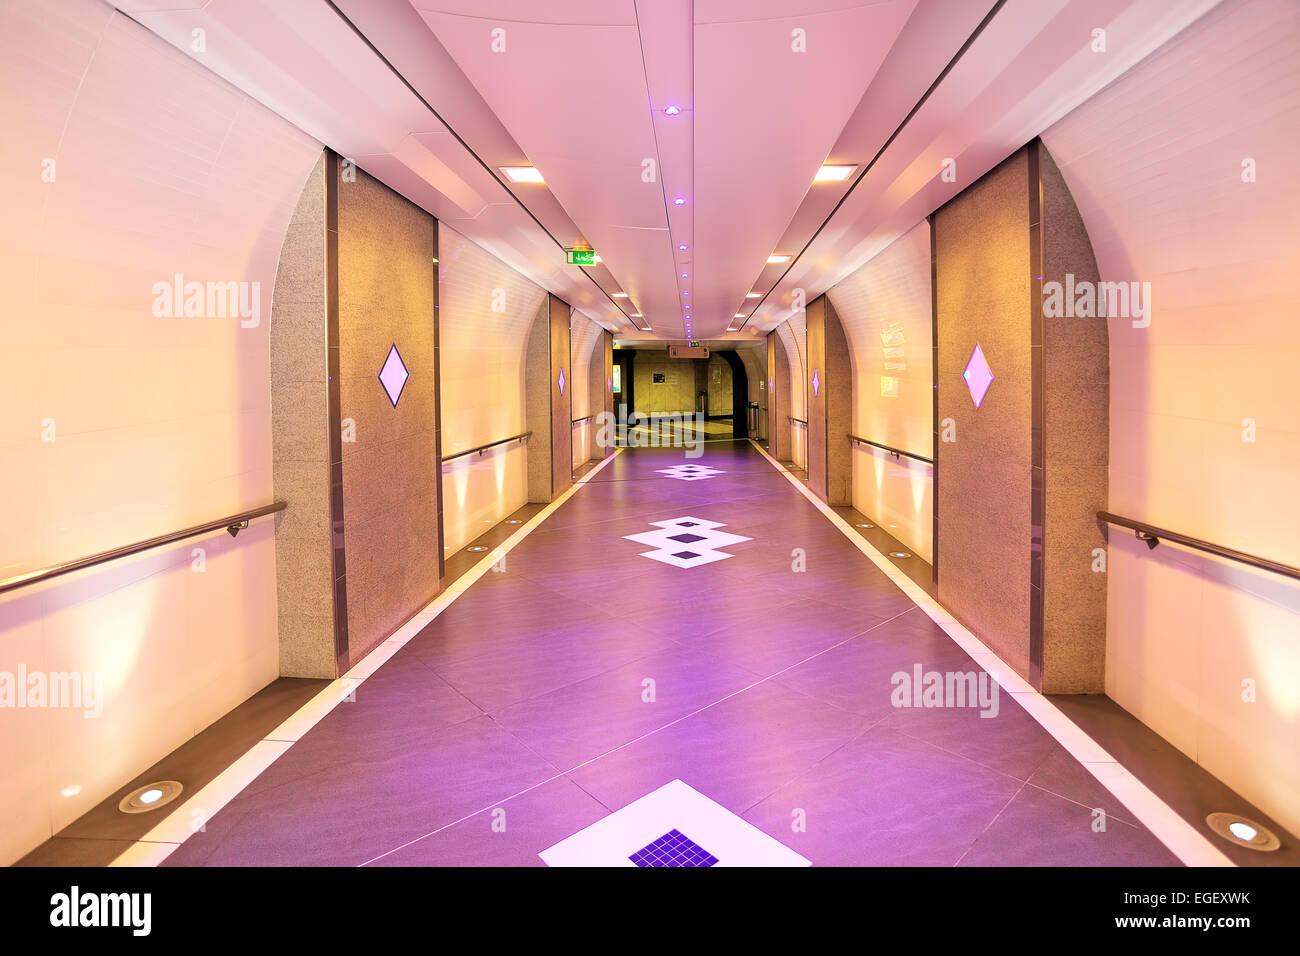 Interior view of modern urban underground pedestrian passage in Monte Carlo, Monaco. - Stock Image